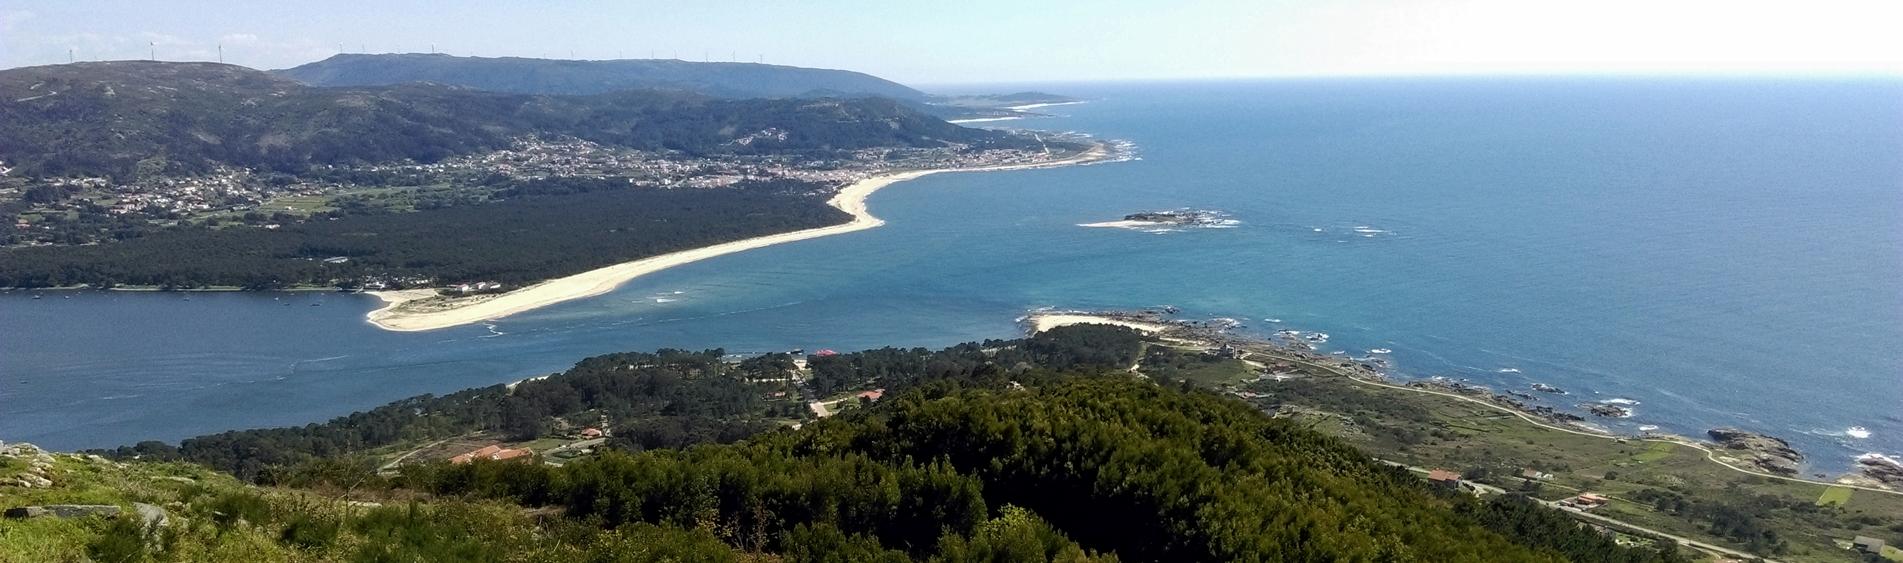 The Full Portuguese Coastal